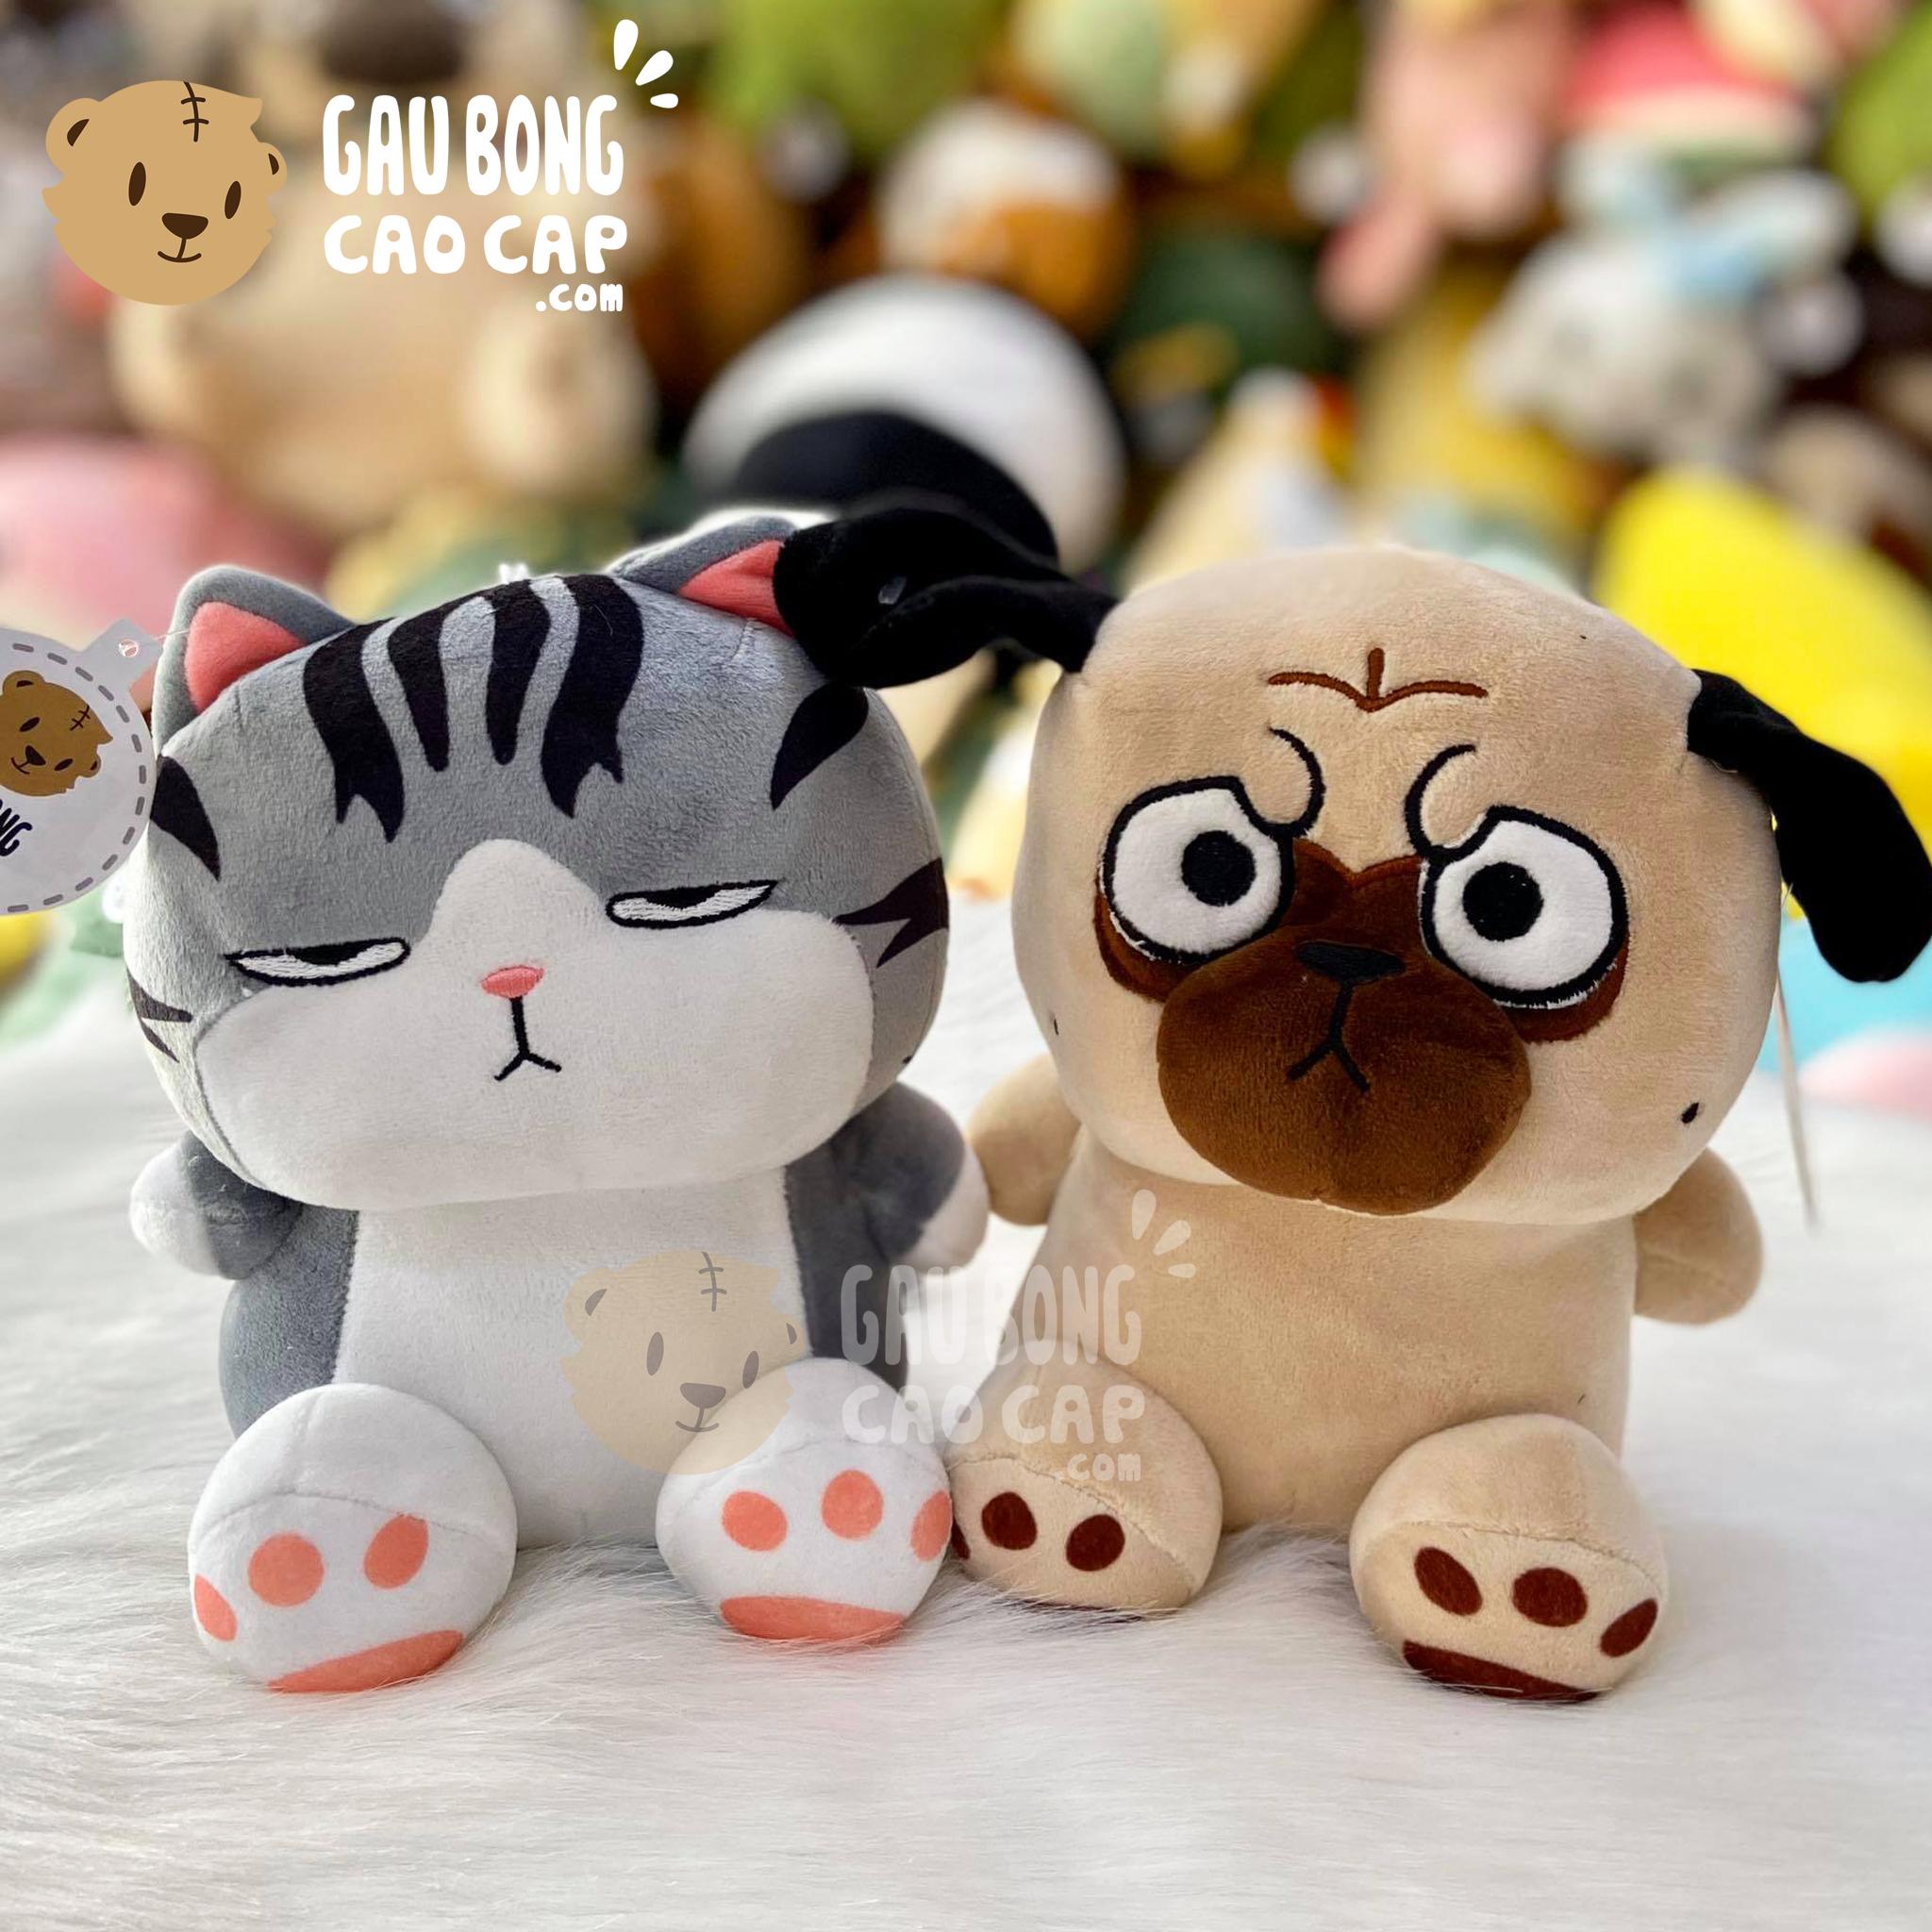 Cặp - Gấu Bông mèo hoàng thượng & Chó Bông Nô Tài baby